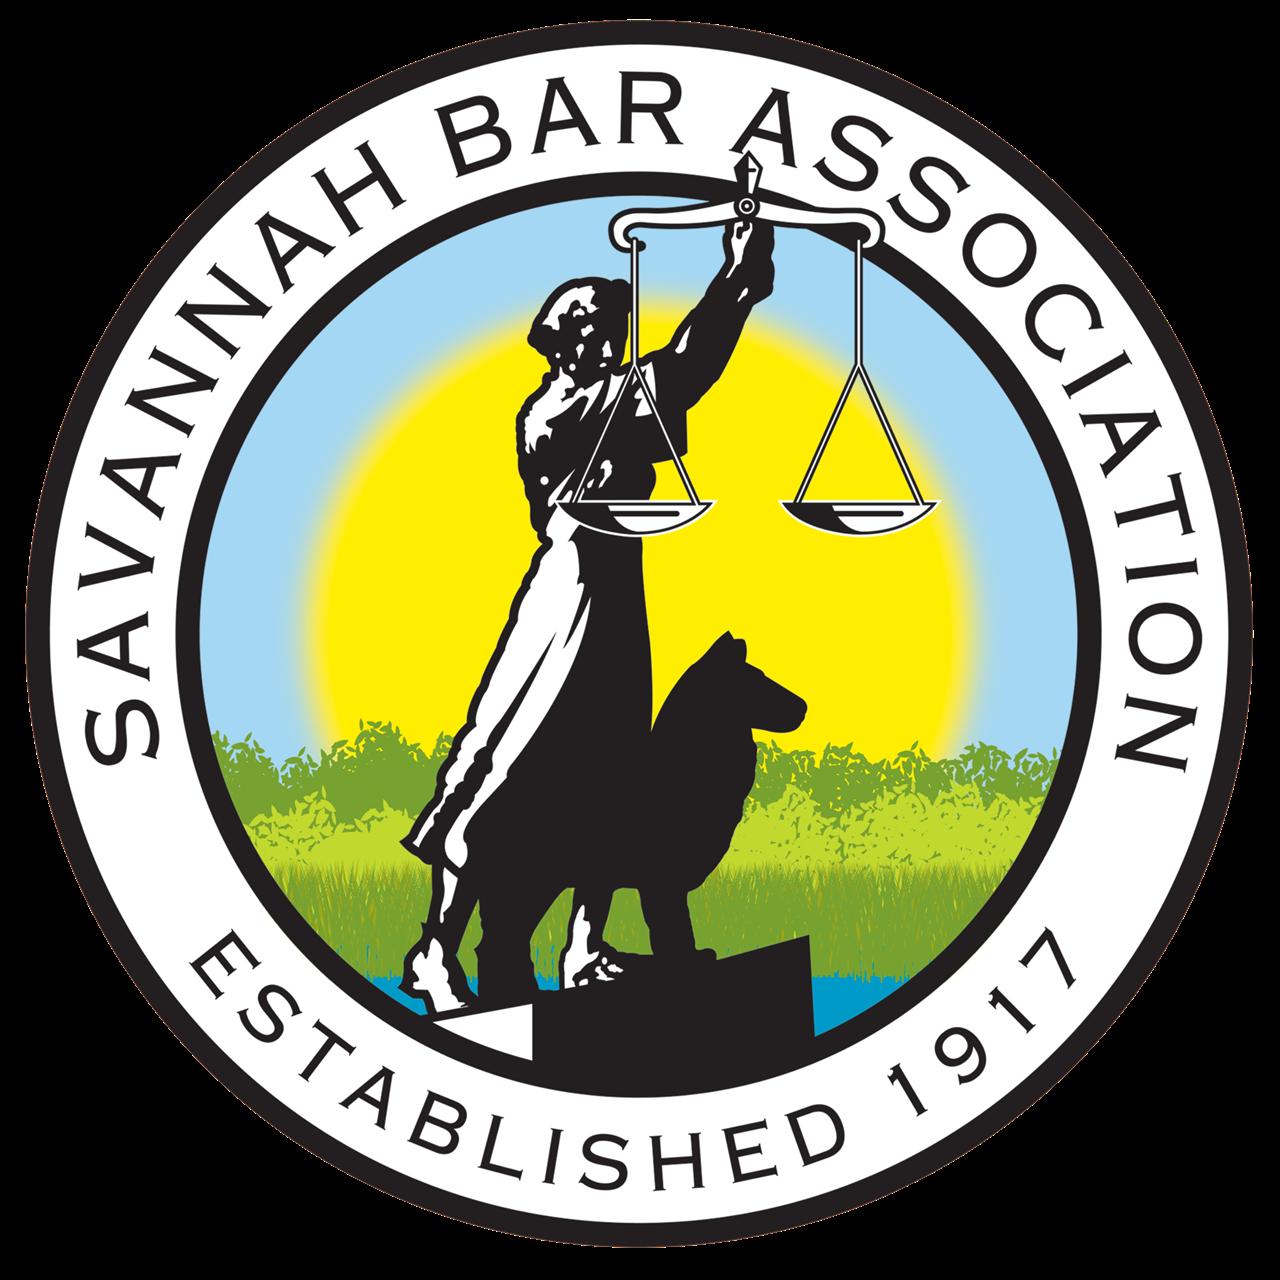 Savannah Bar Association - Find a Lawyer - Directory of SBA